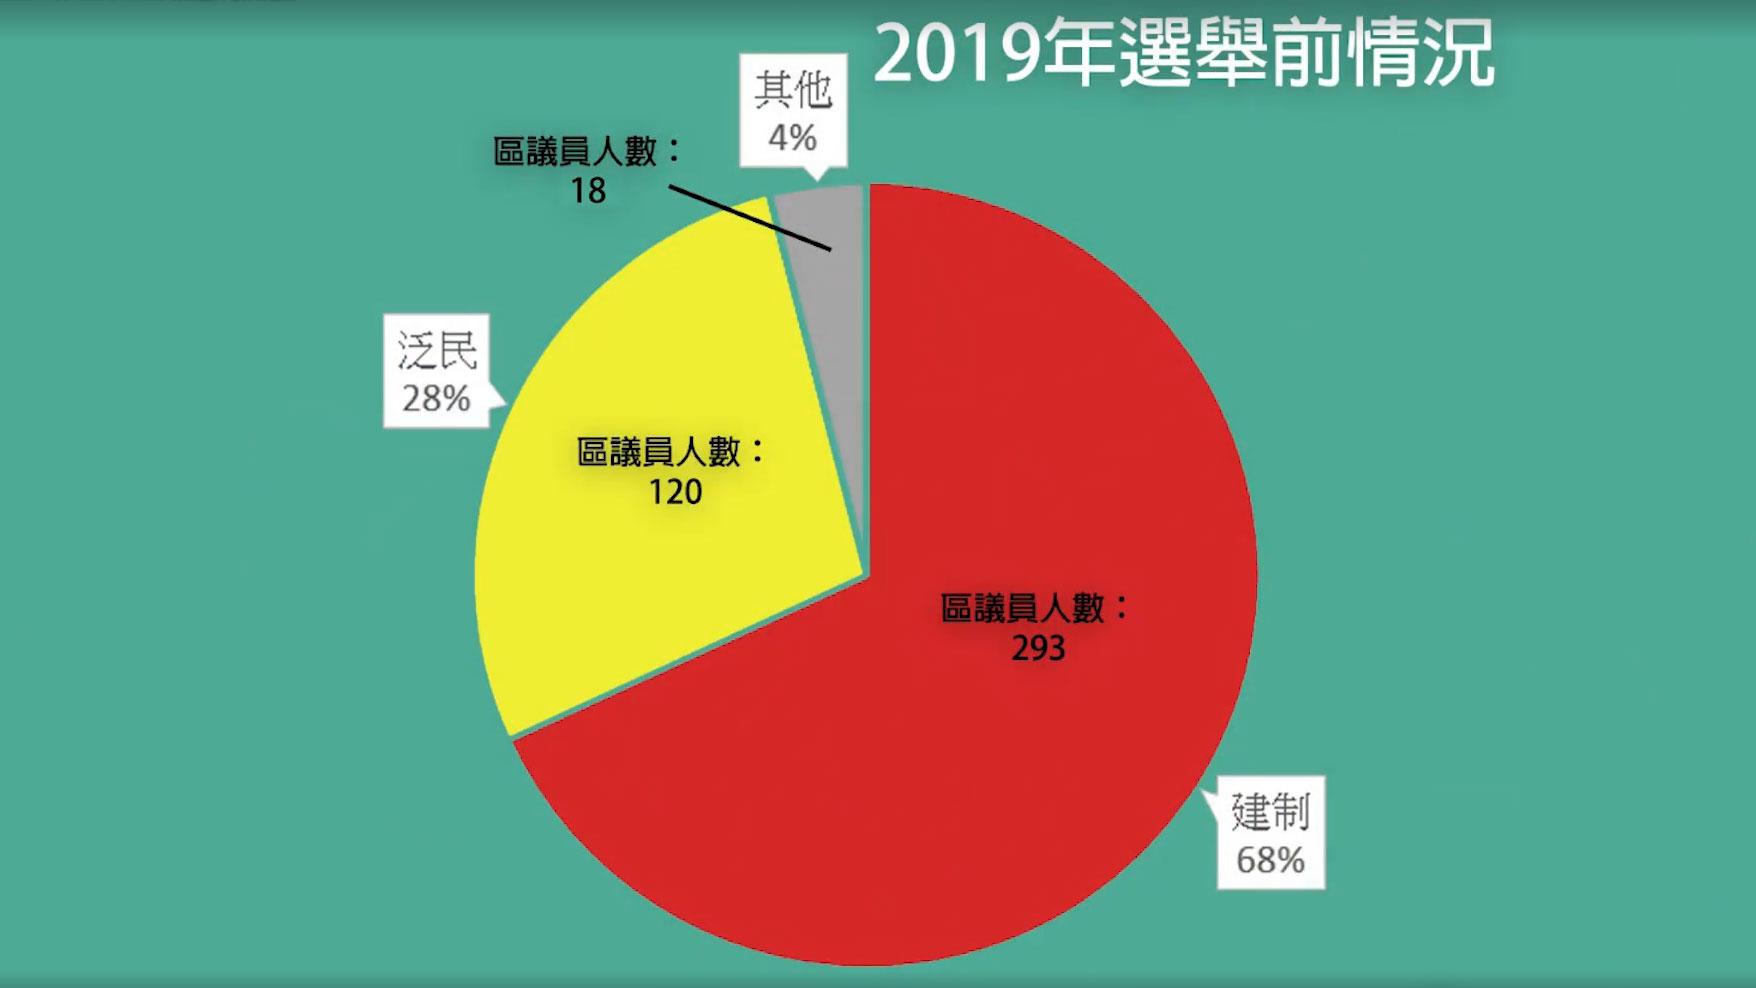 2019年香港区议会选举前情况(视频截图)